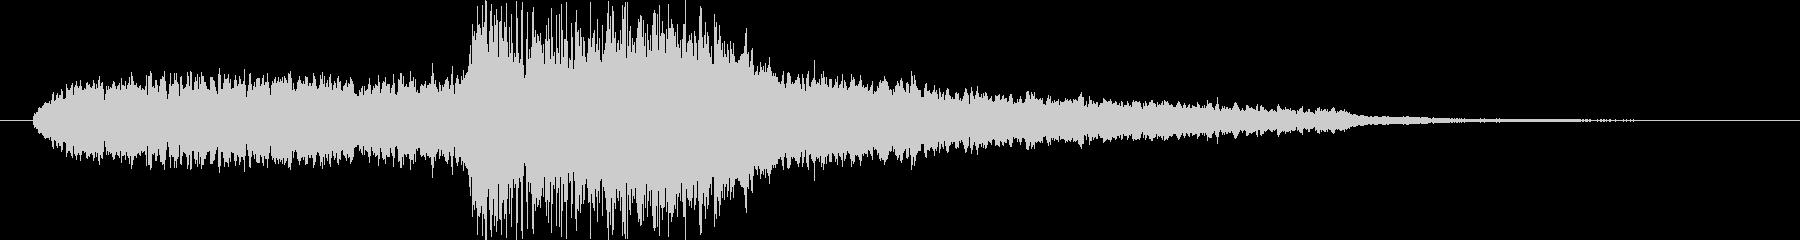 静かな音からハープで終わるエンディング曲の未再生の波形